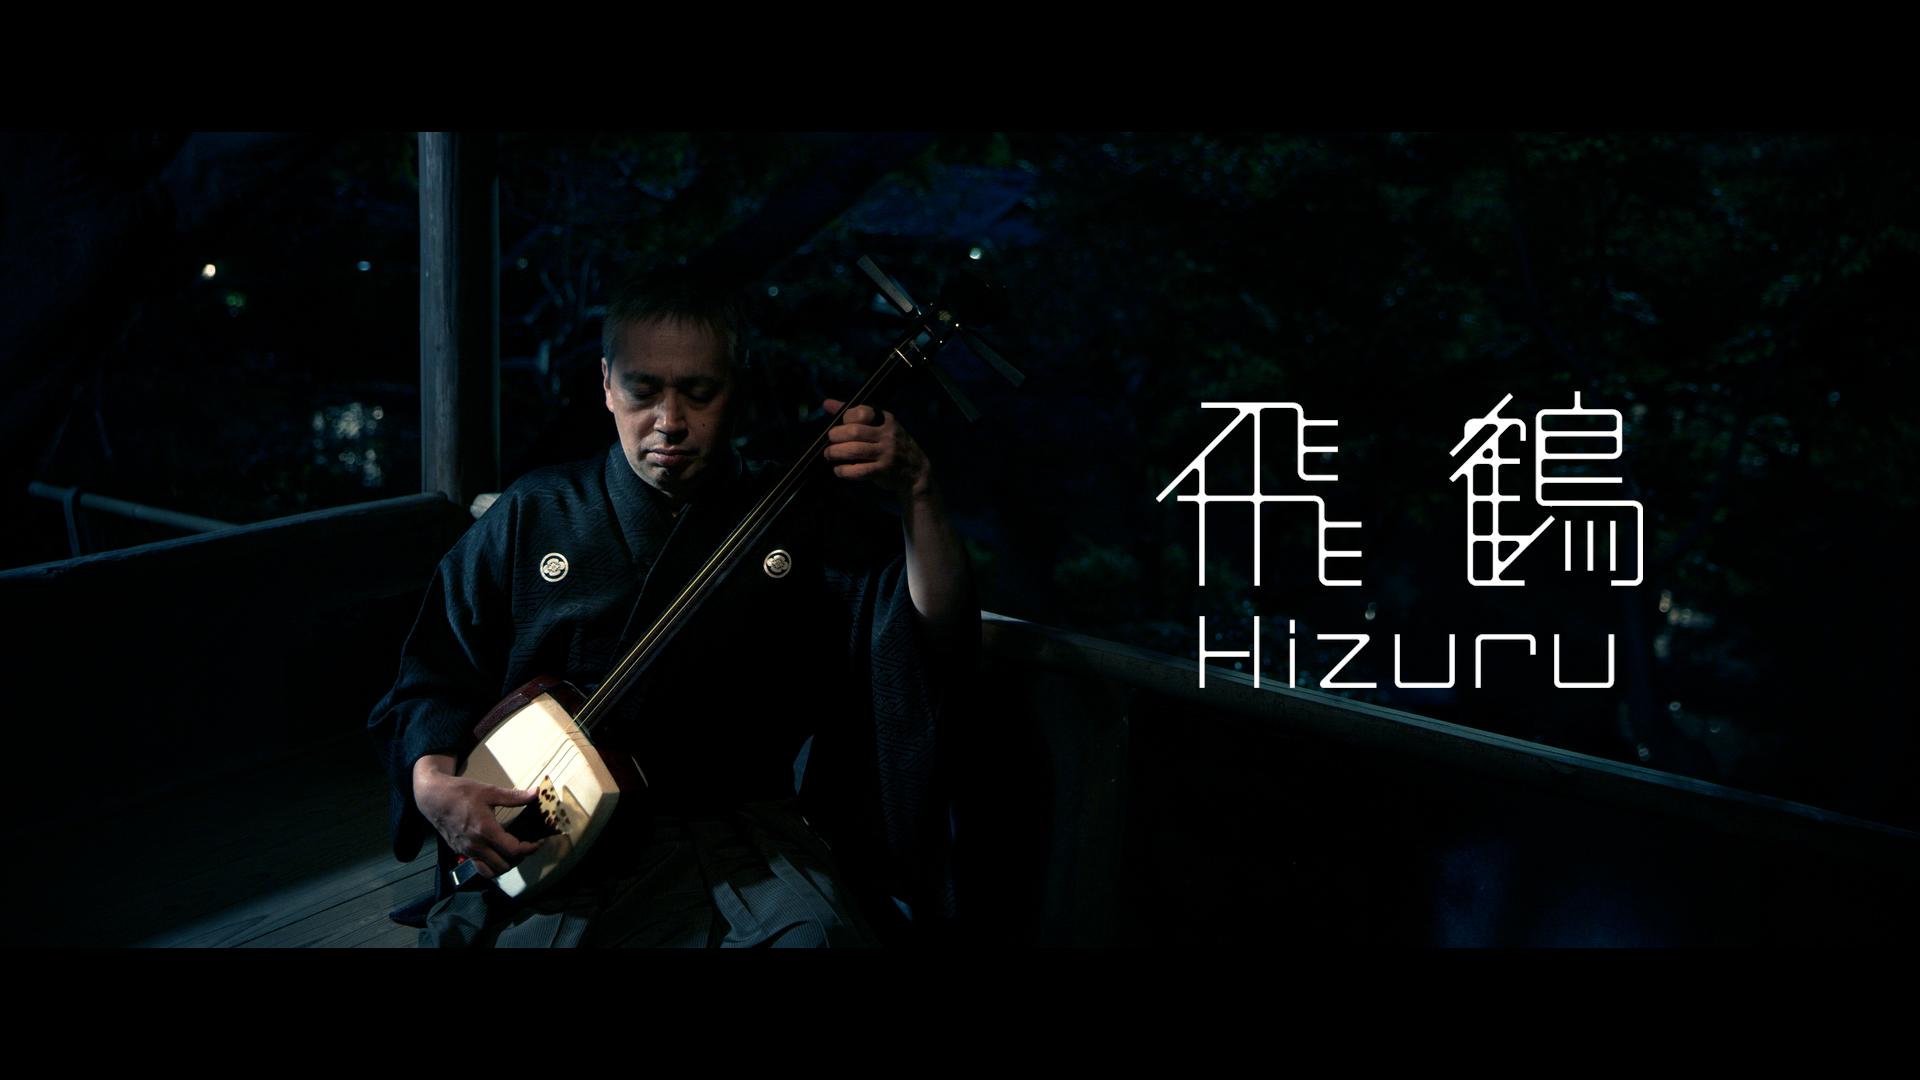 飛鶴 Music Video    「牛若丸」